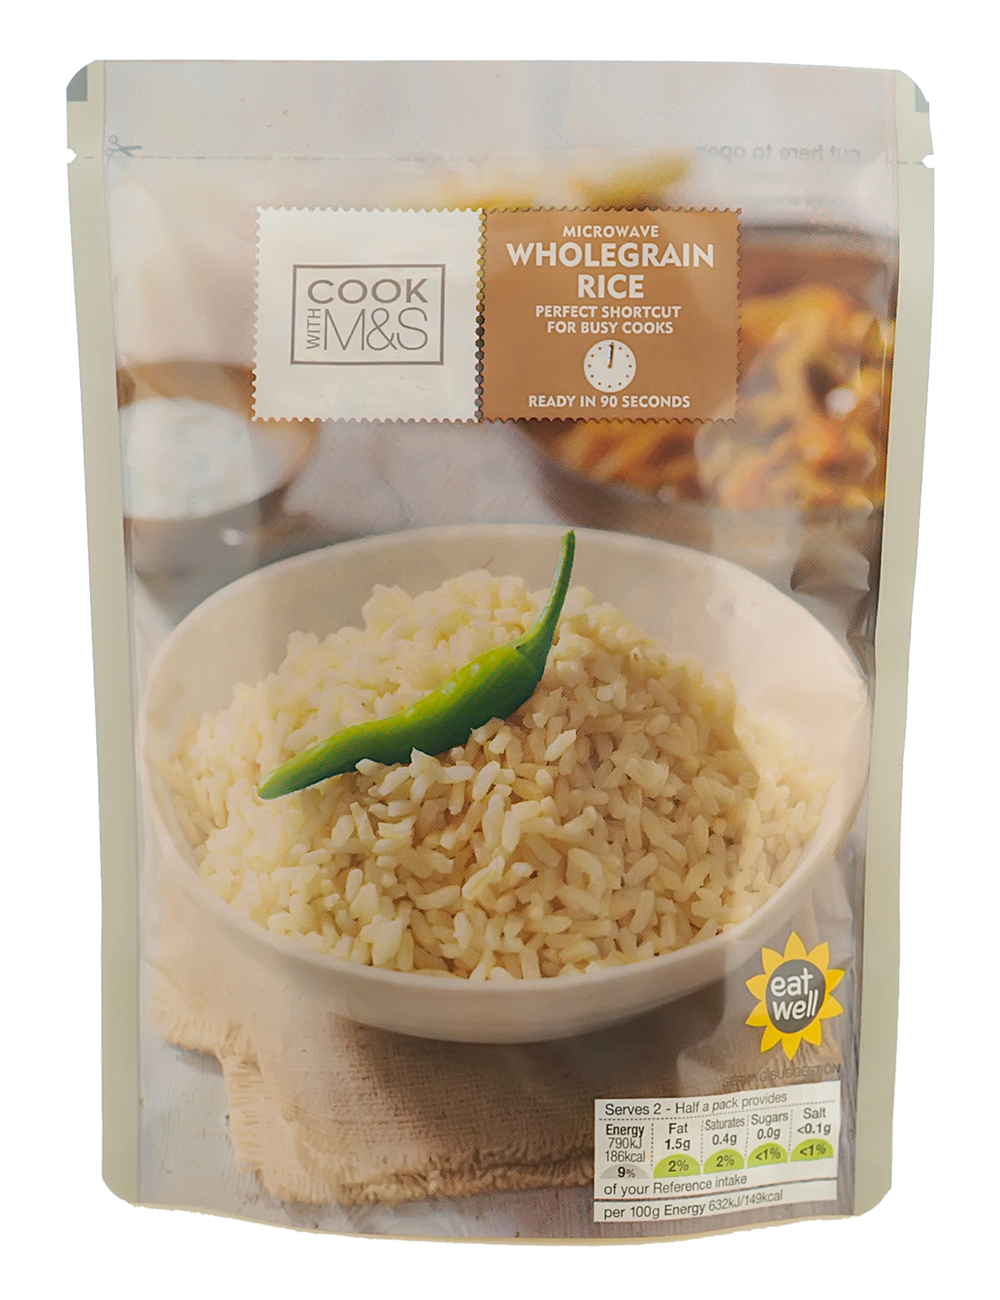 M&S FOOD Well-Being (10).jpg